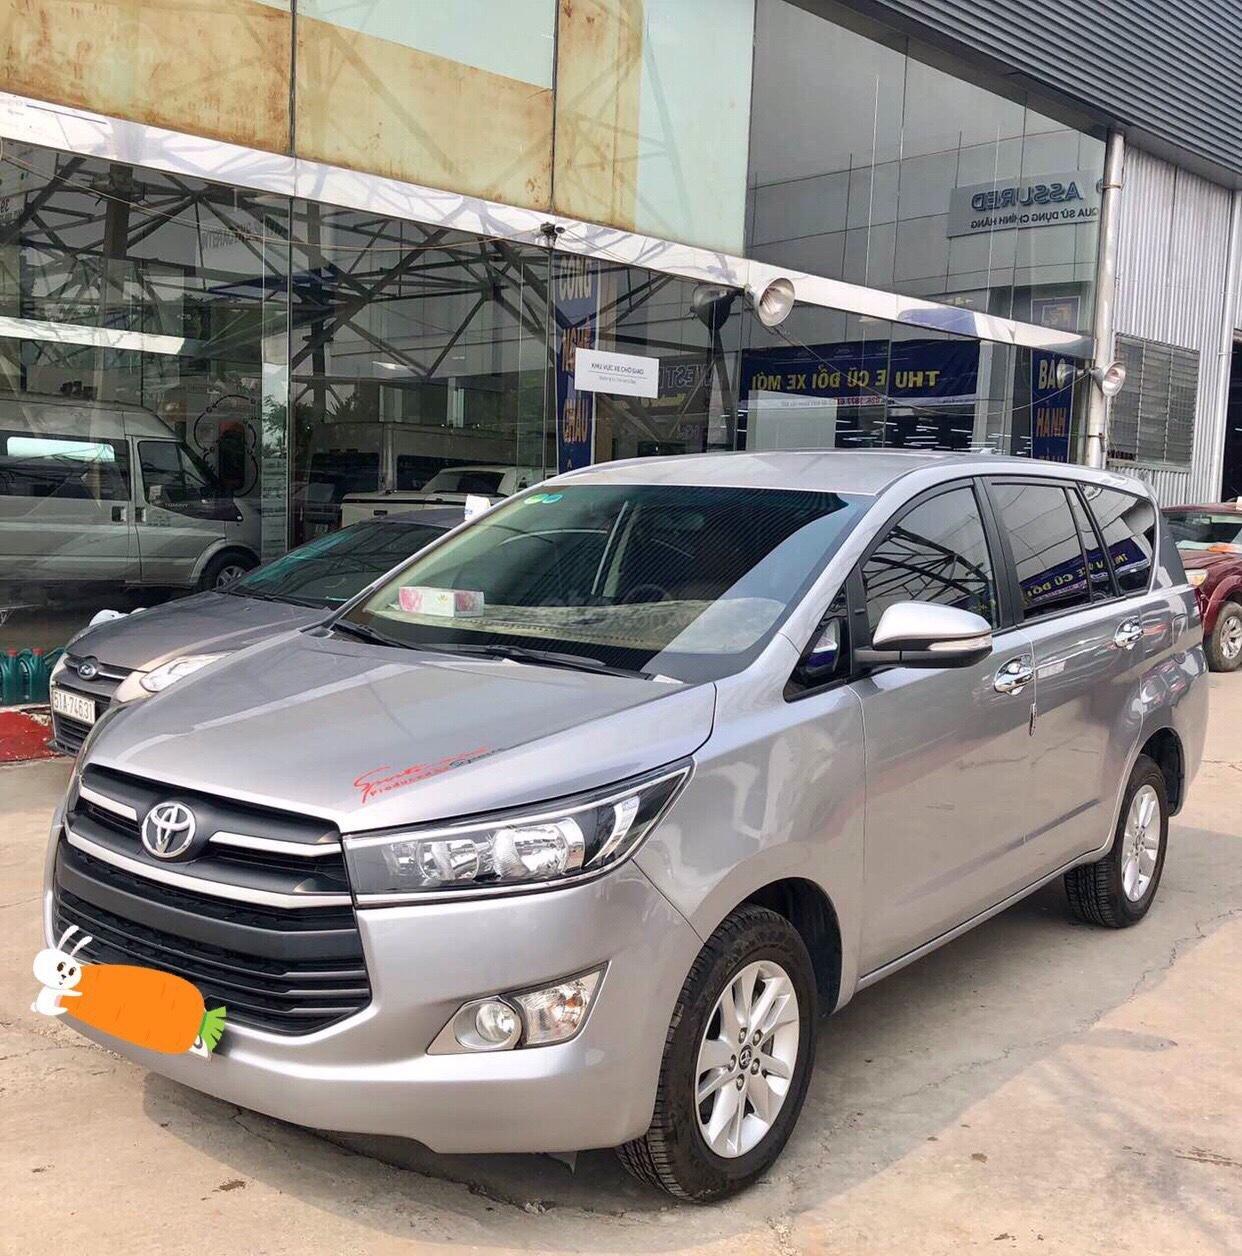 Toyota Innova 2.0E MT 2017, xe bán tại hãng Ford An Lạc-2